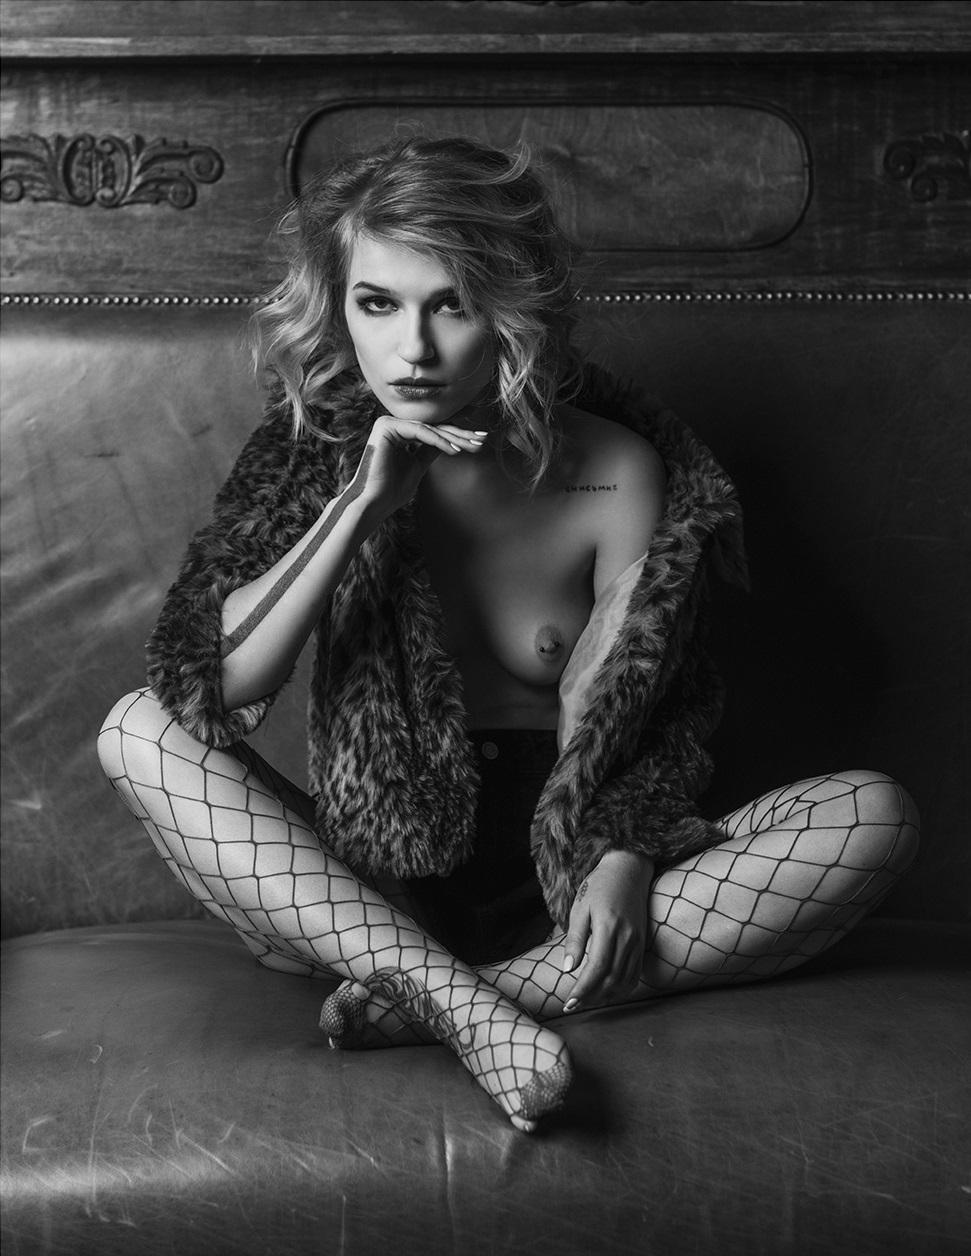 Viktoria Tche - Viktor Tsirkin photoshoot